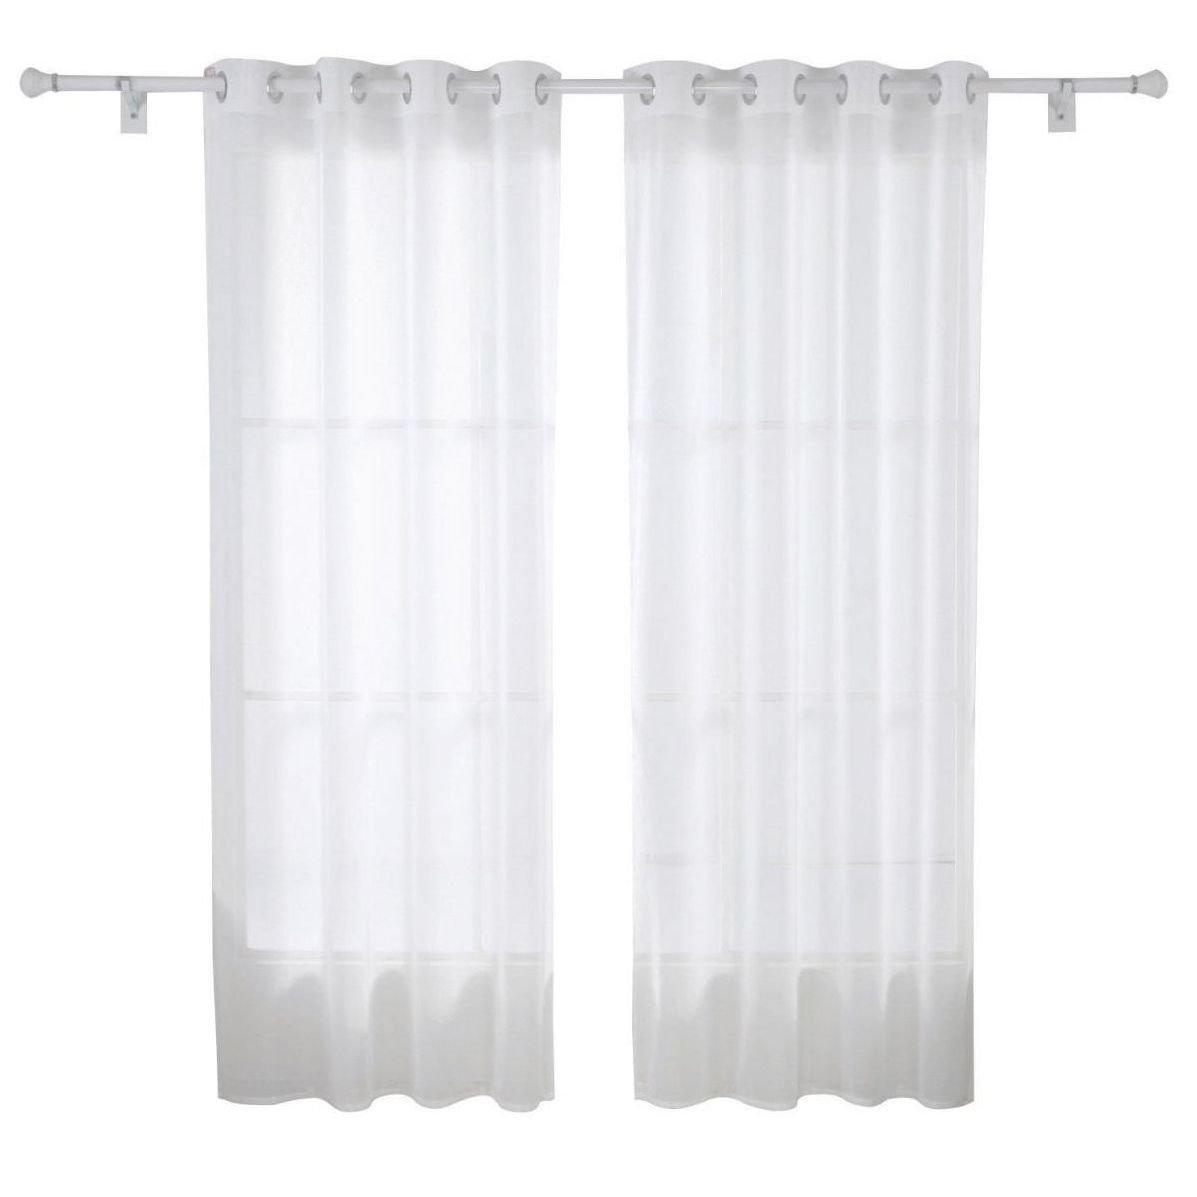 Cortinas de sal n cortinas de sal n modernas for Cortinas salon marron